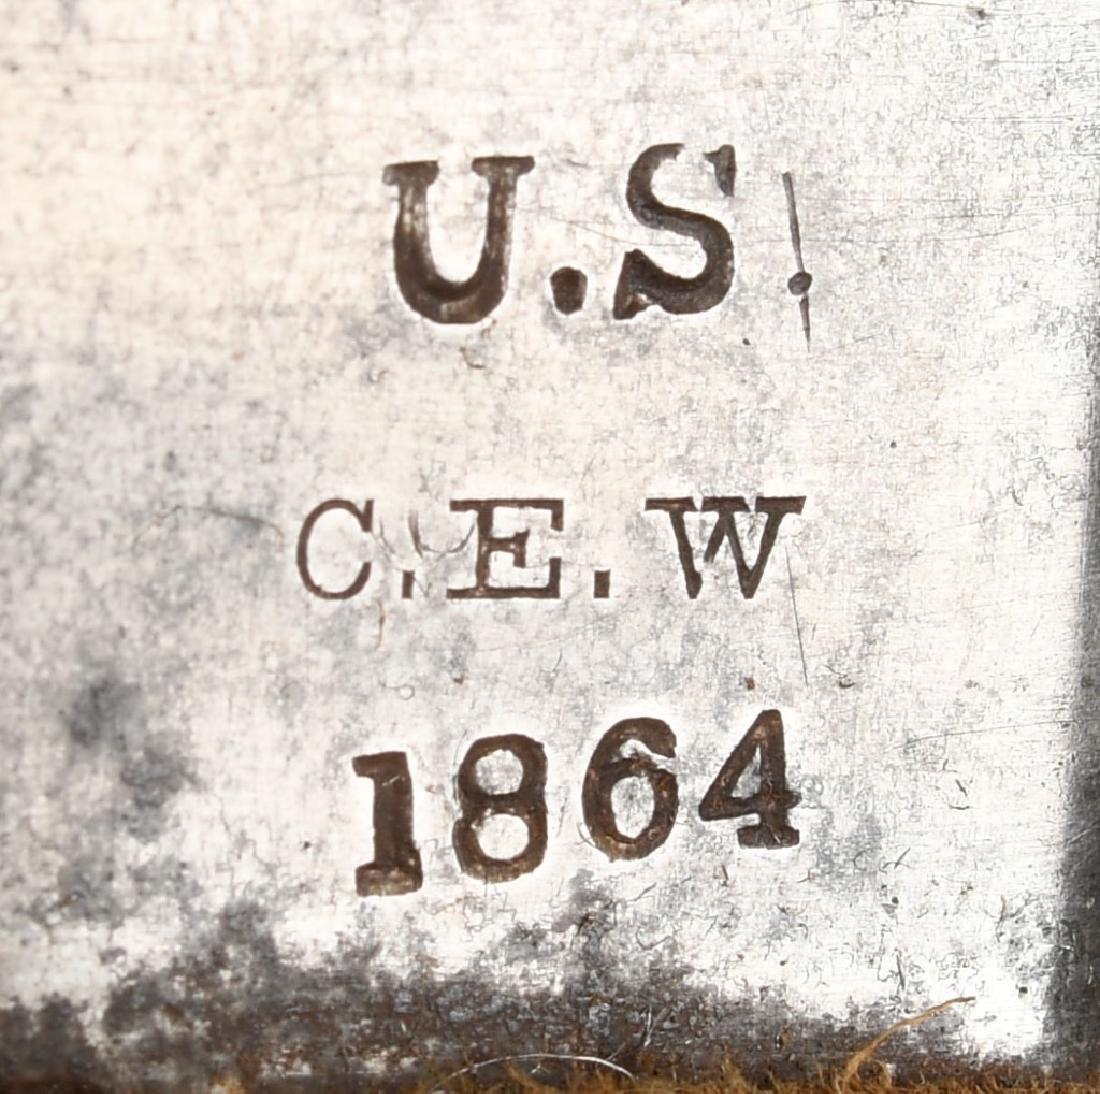 CIVIL WAR M1860 MANSFIELD & LAMB CAVALRY SABER '64 - 5